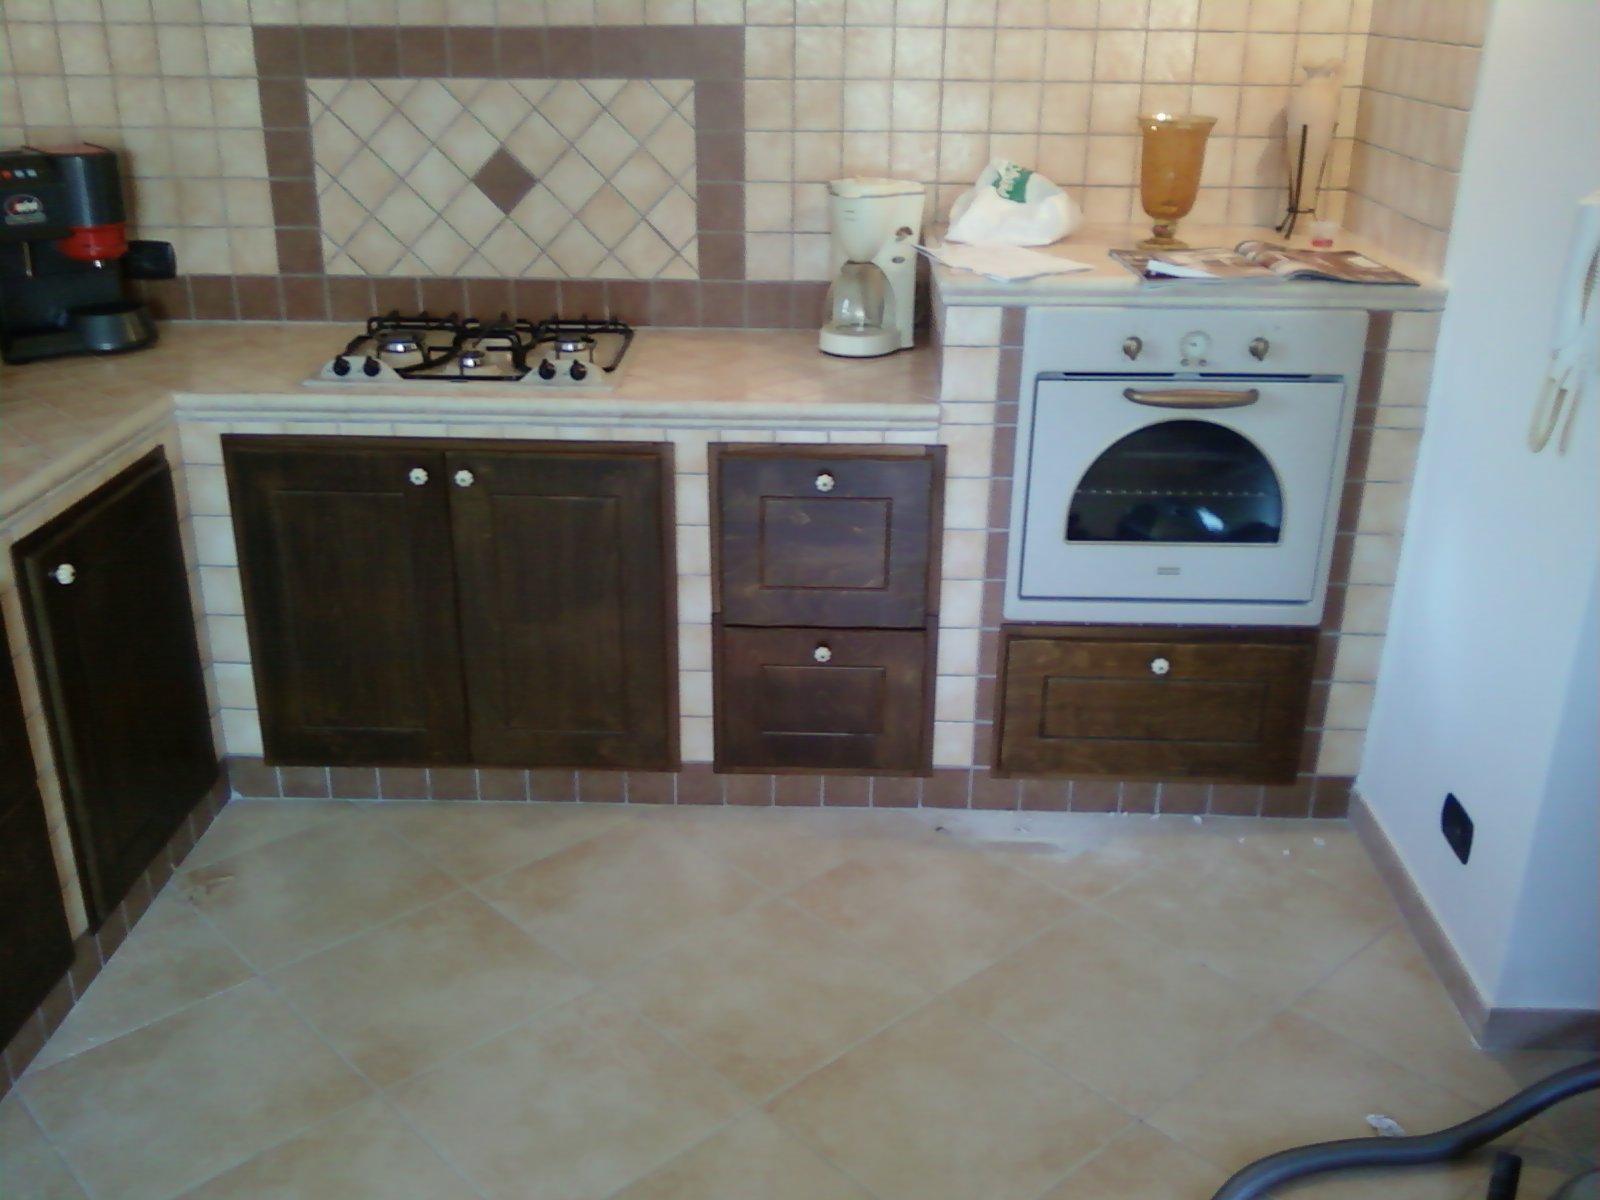 Antine Per Cucine In Muratura Sportelli Cucina In Muratura Home